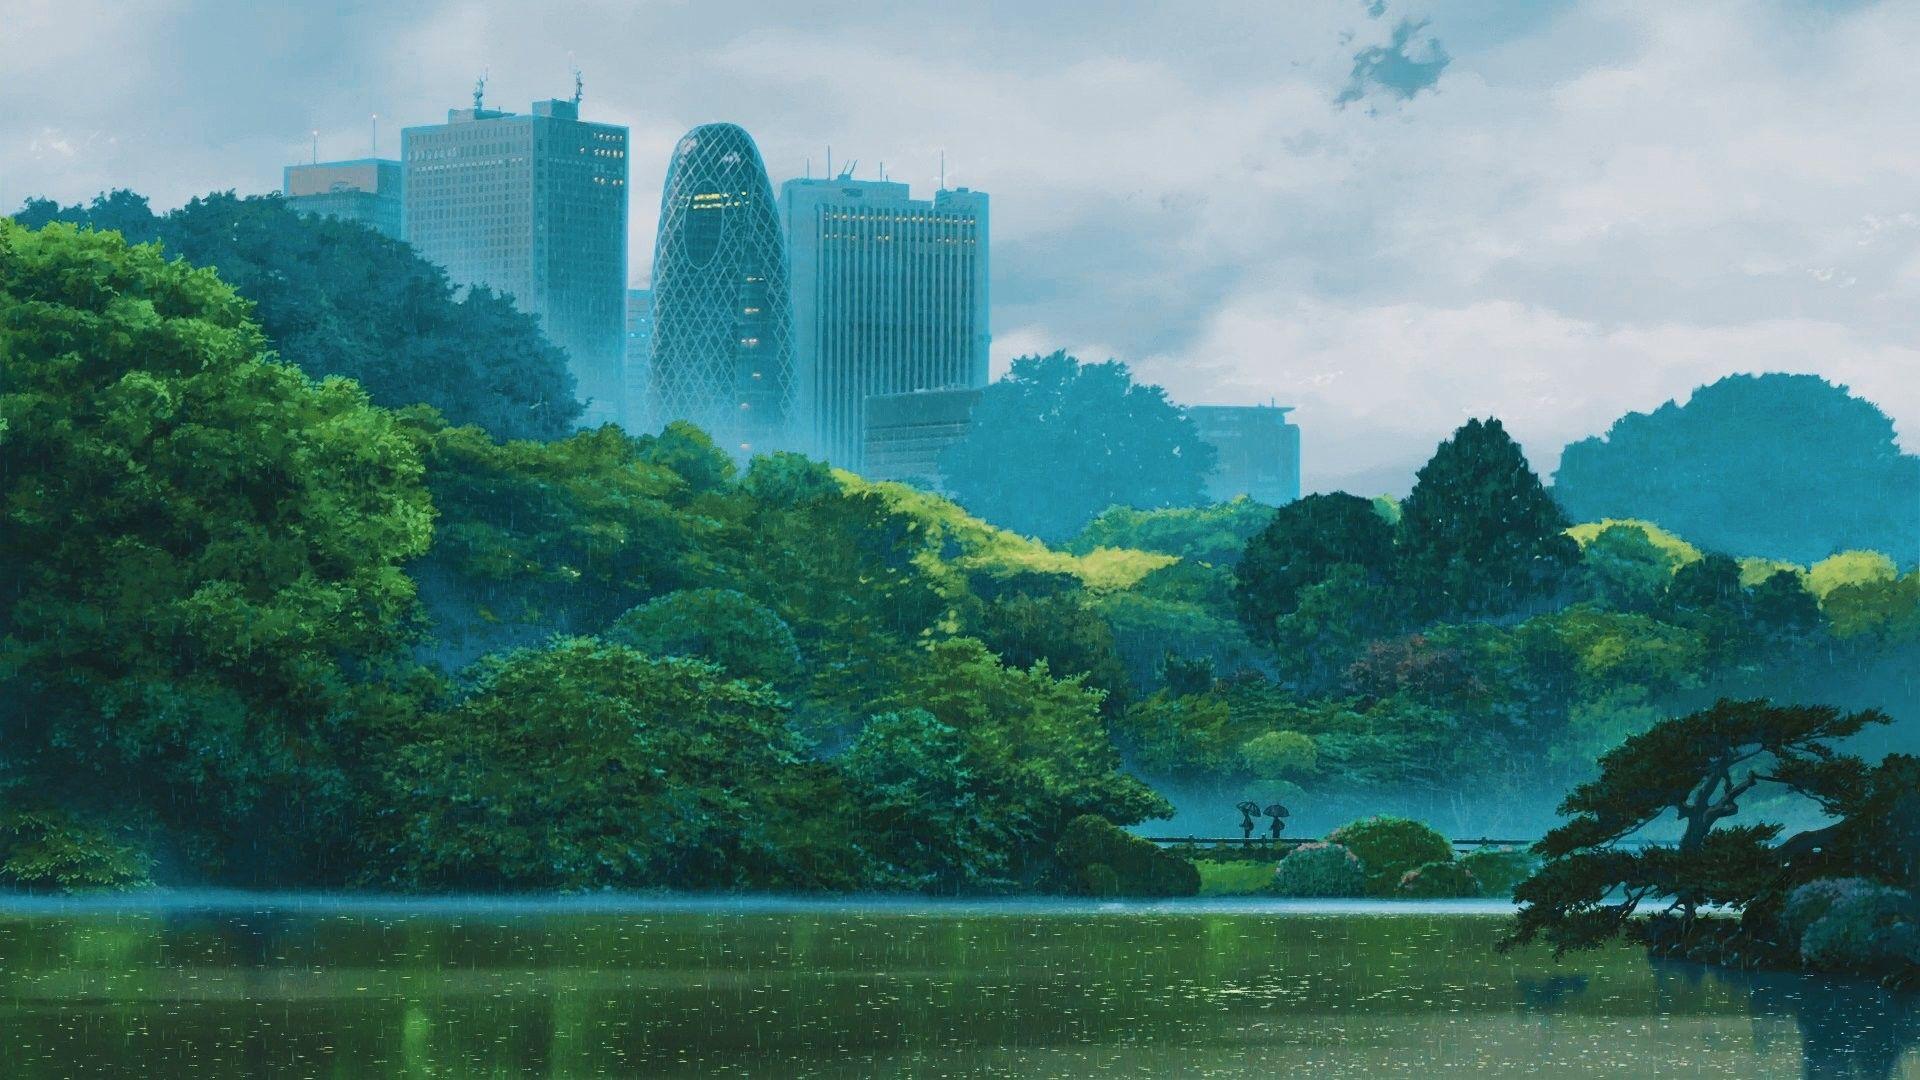 1920x1080 Garden Of Words Makoto Shinkai Kotonoha No Niwa Anime